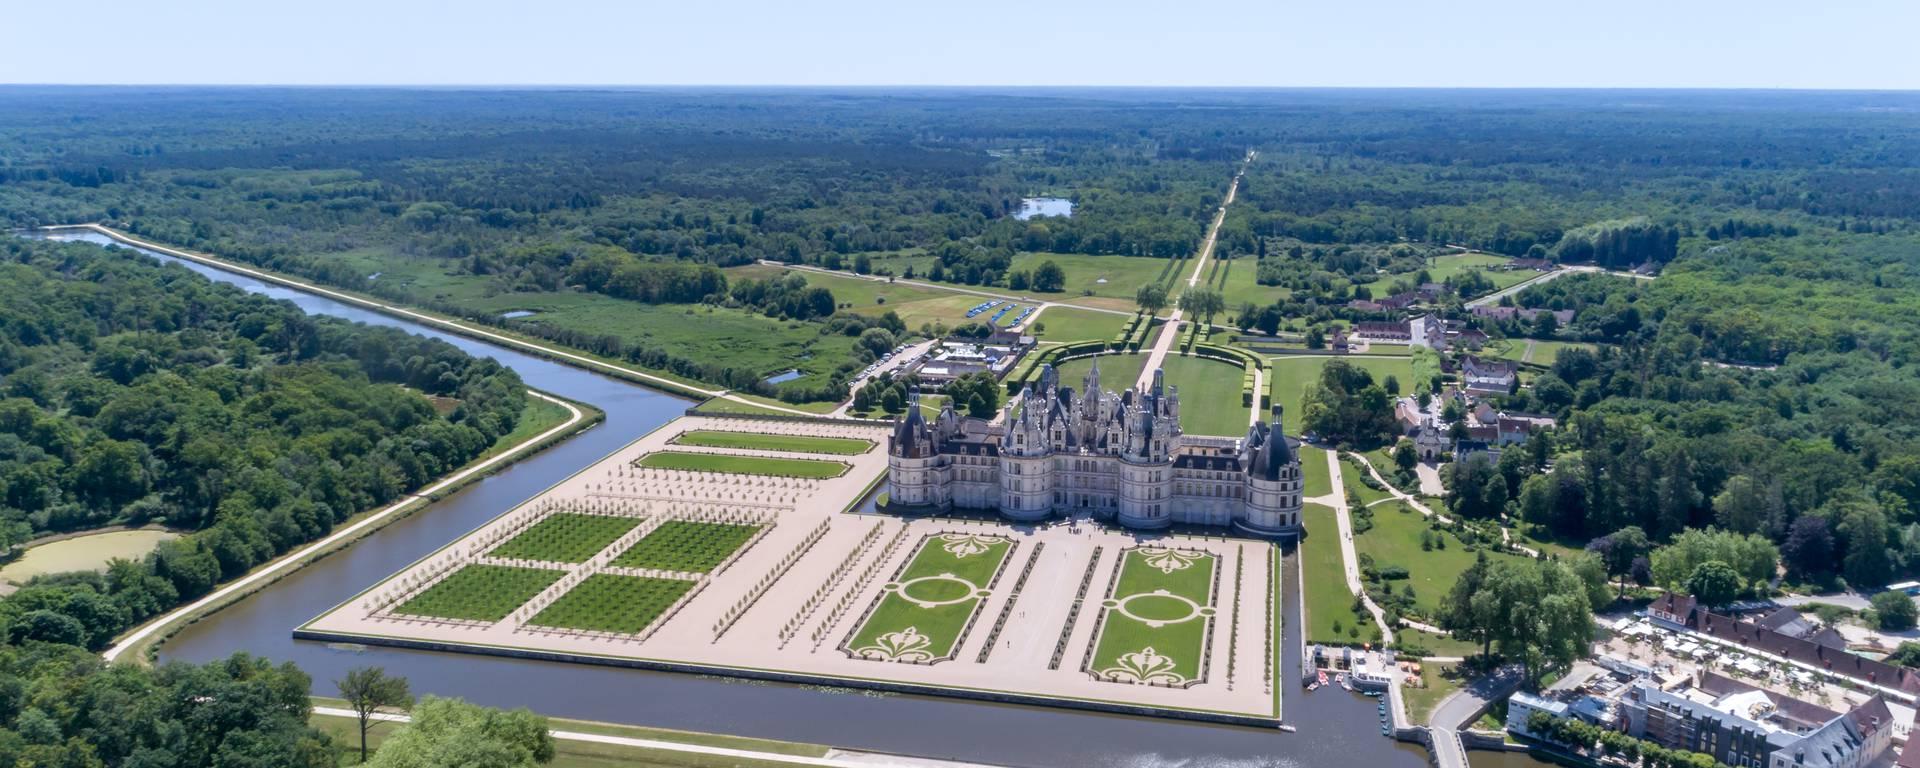 Vista aérea de los jardines de Chambord